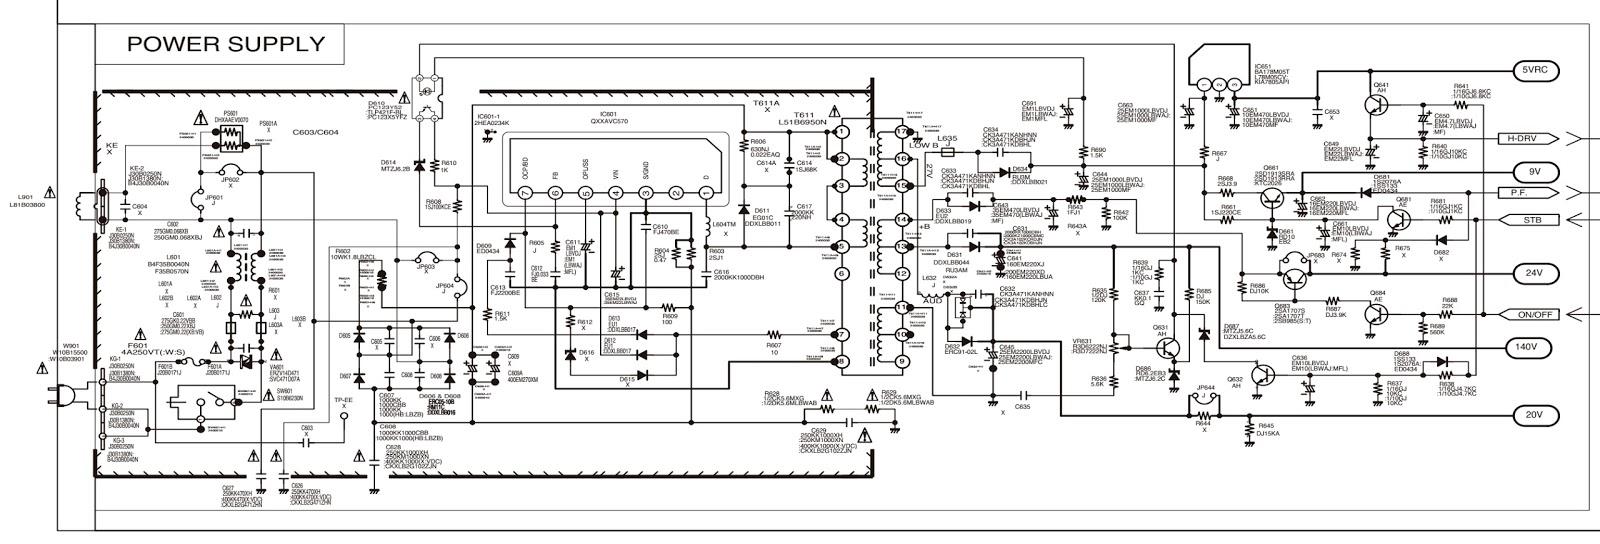 crt tv circuit diagram wiring diagram lg crt tv repair manual Cricket LG Phones